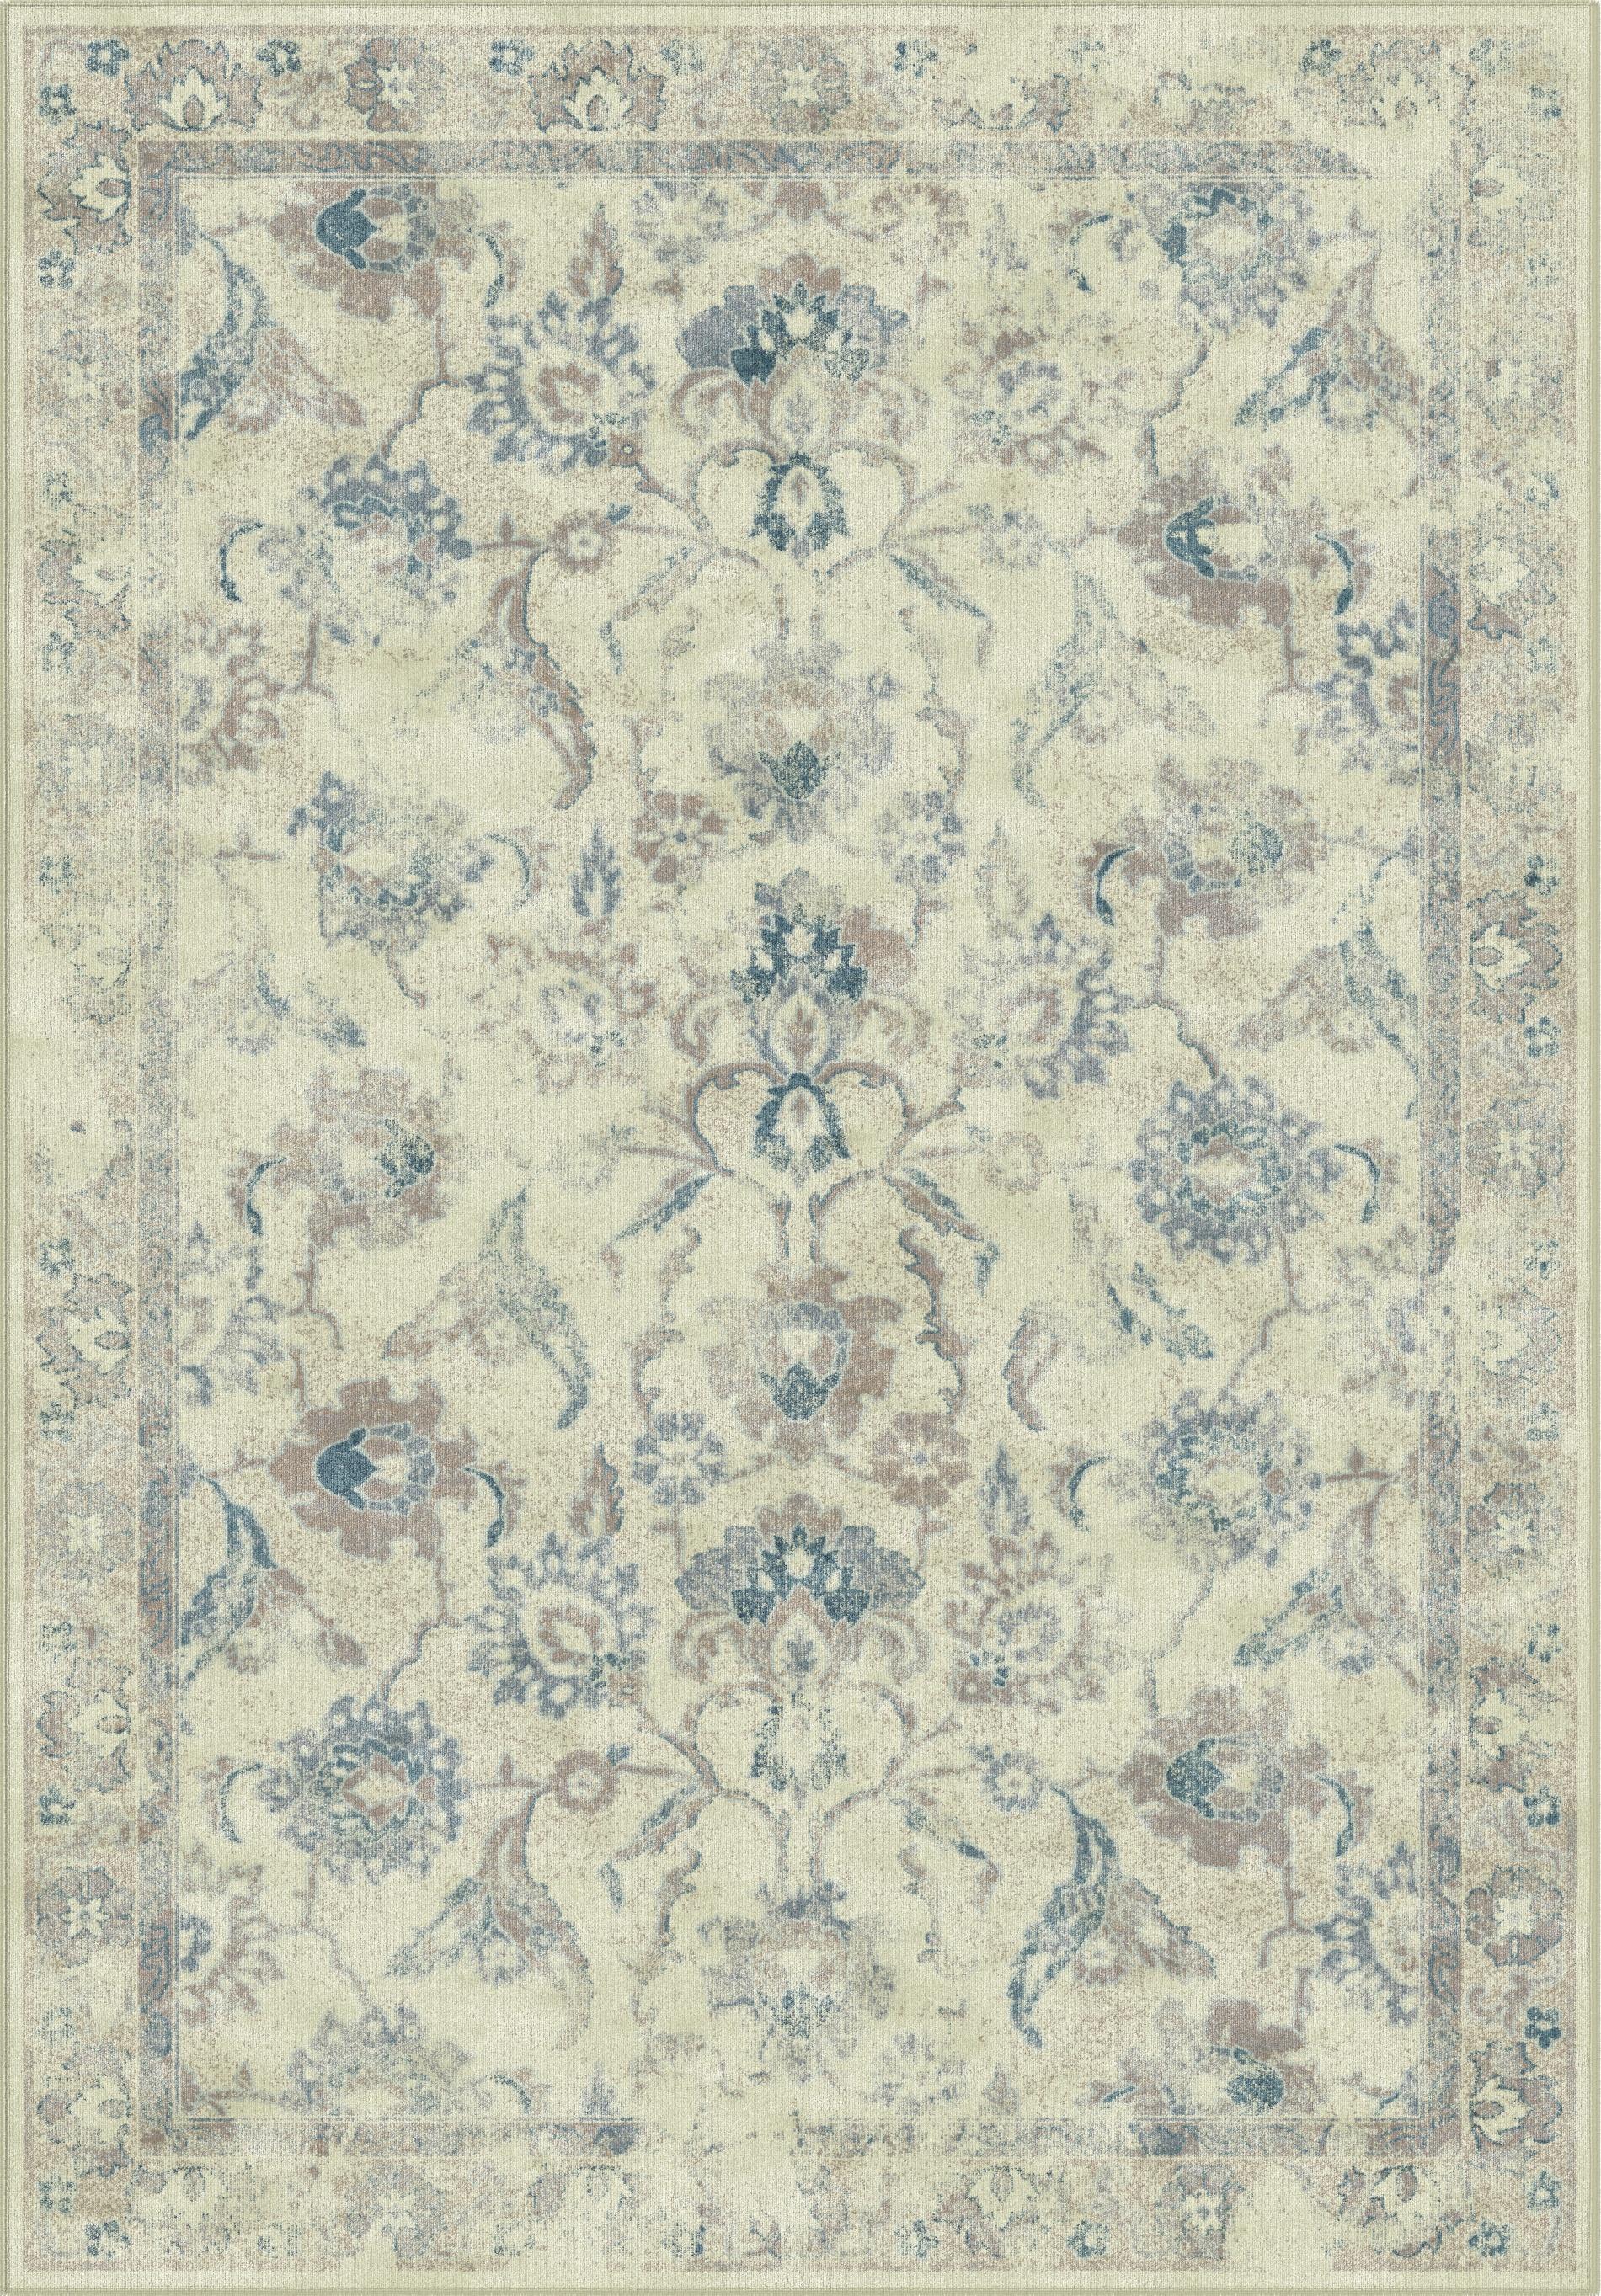 Tapis de salon d'inspiration vintage gris et bleu  160x230